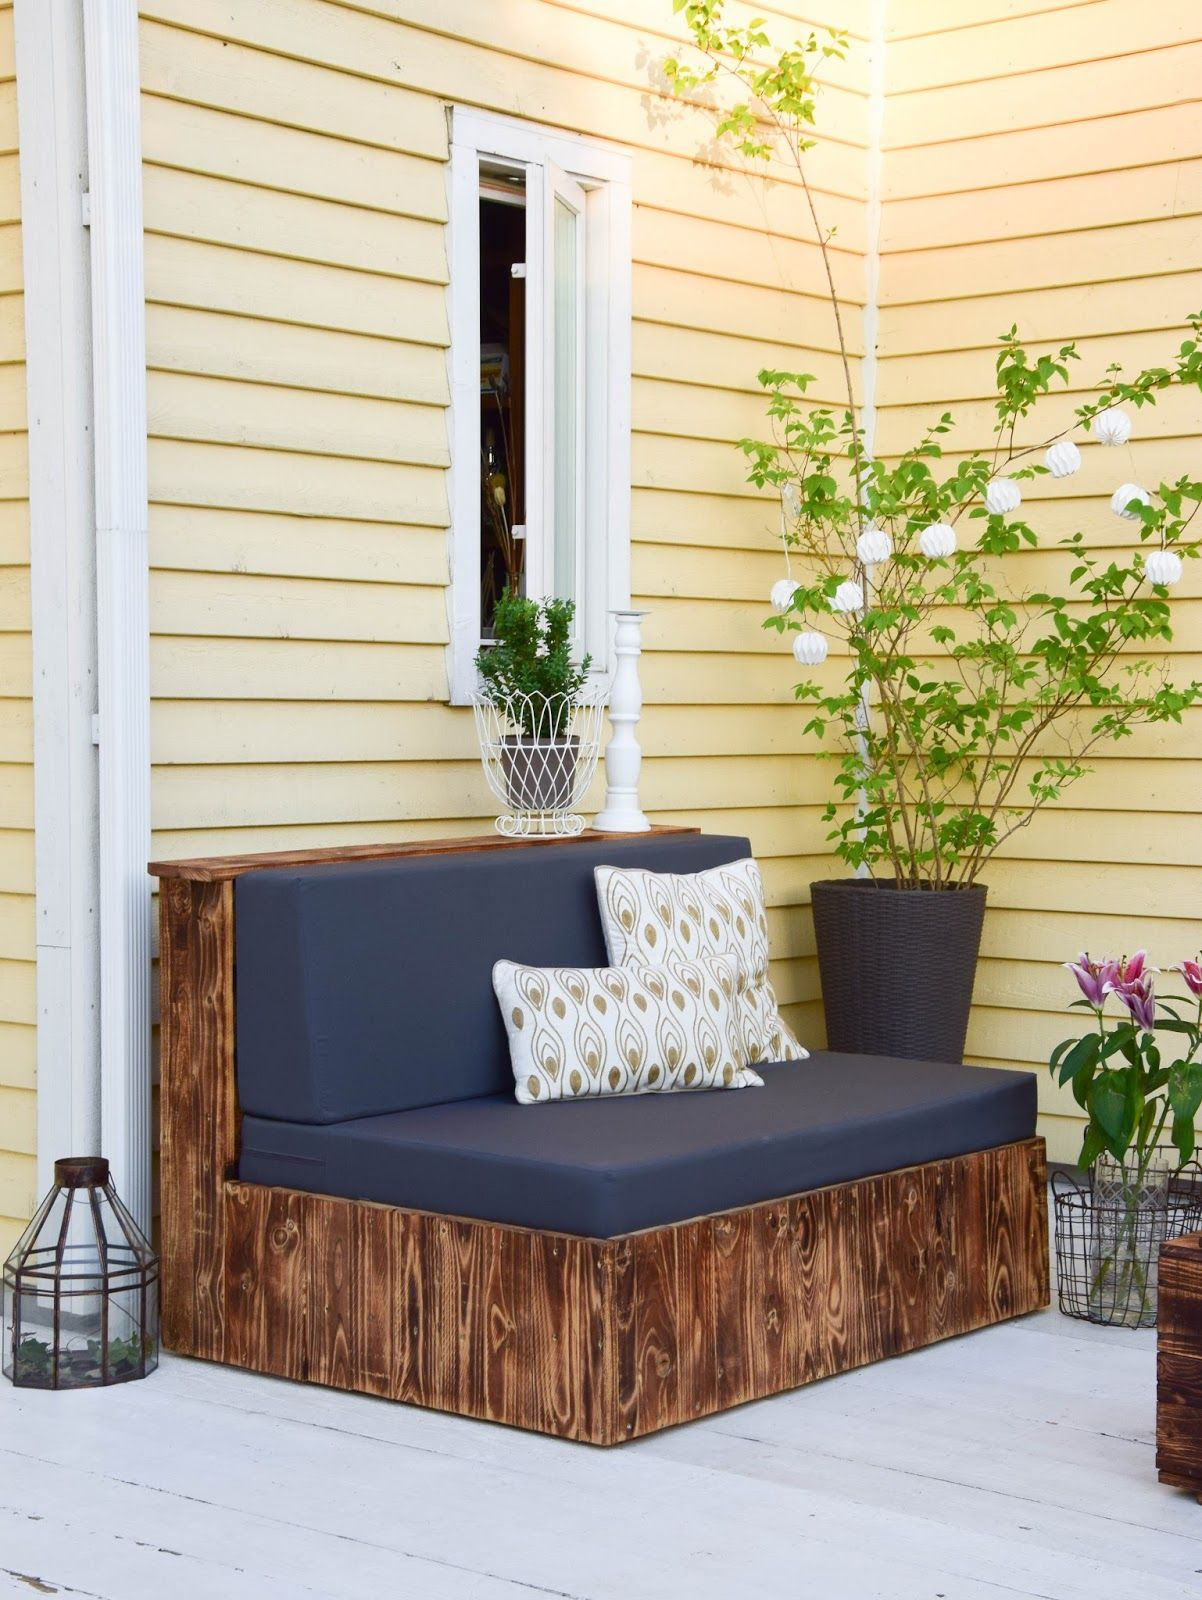 Perfekt Diy Paletten Sitzmöbel Für Terrasse Dekoidee Palettenmöbel Gestaltung Deko  Garten